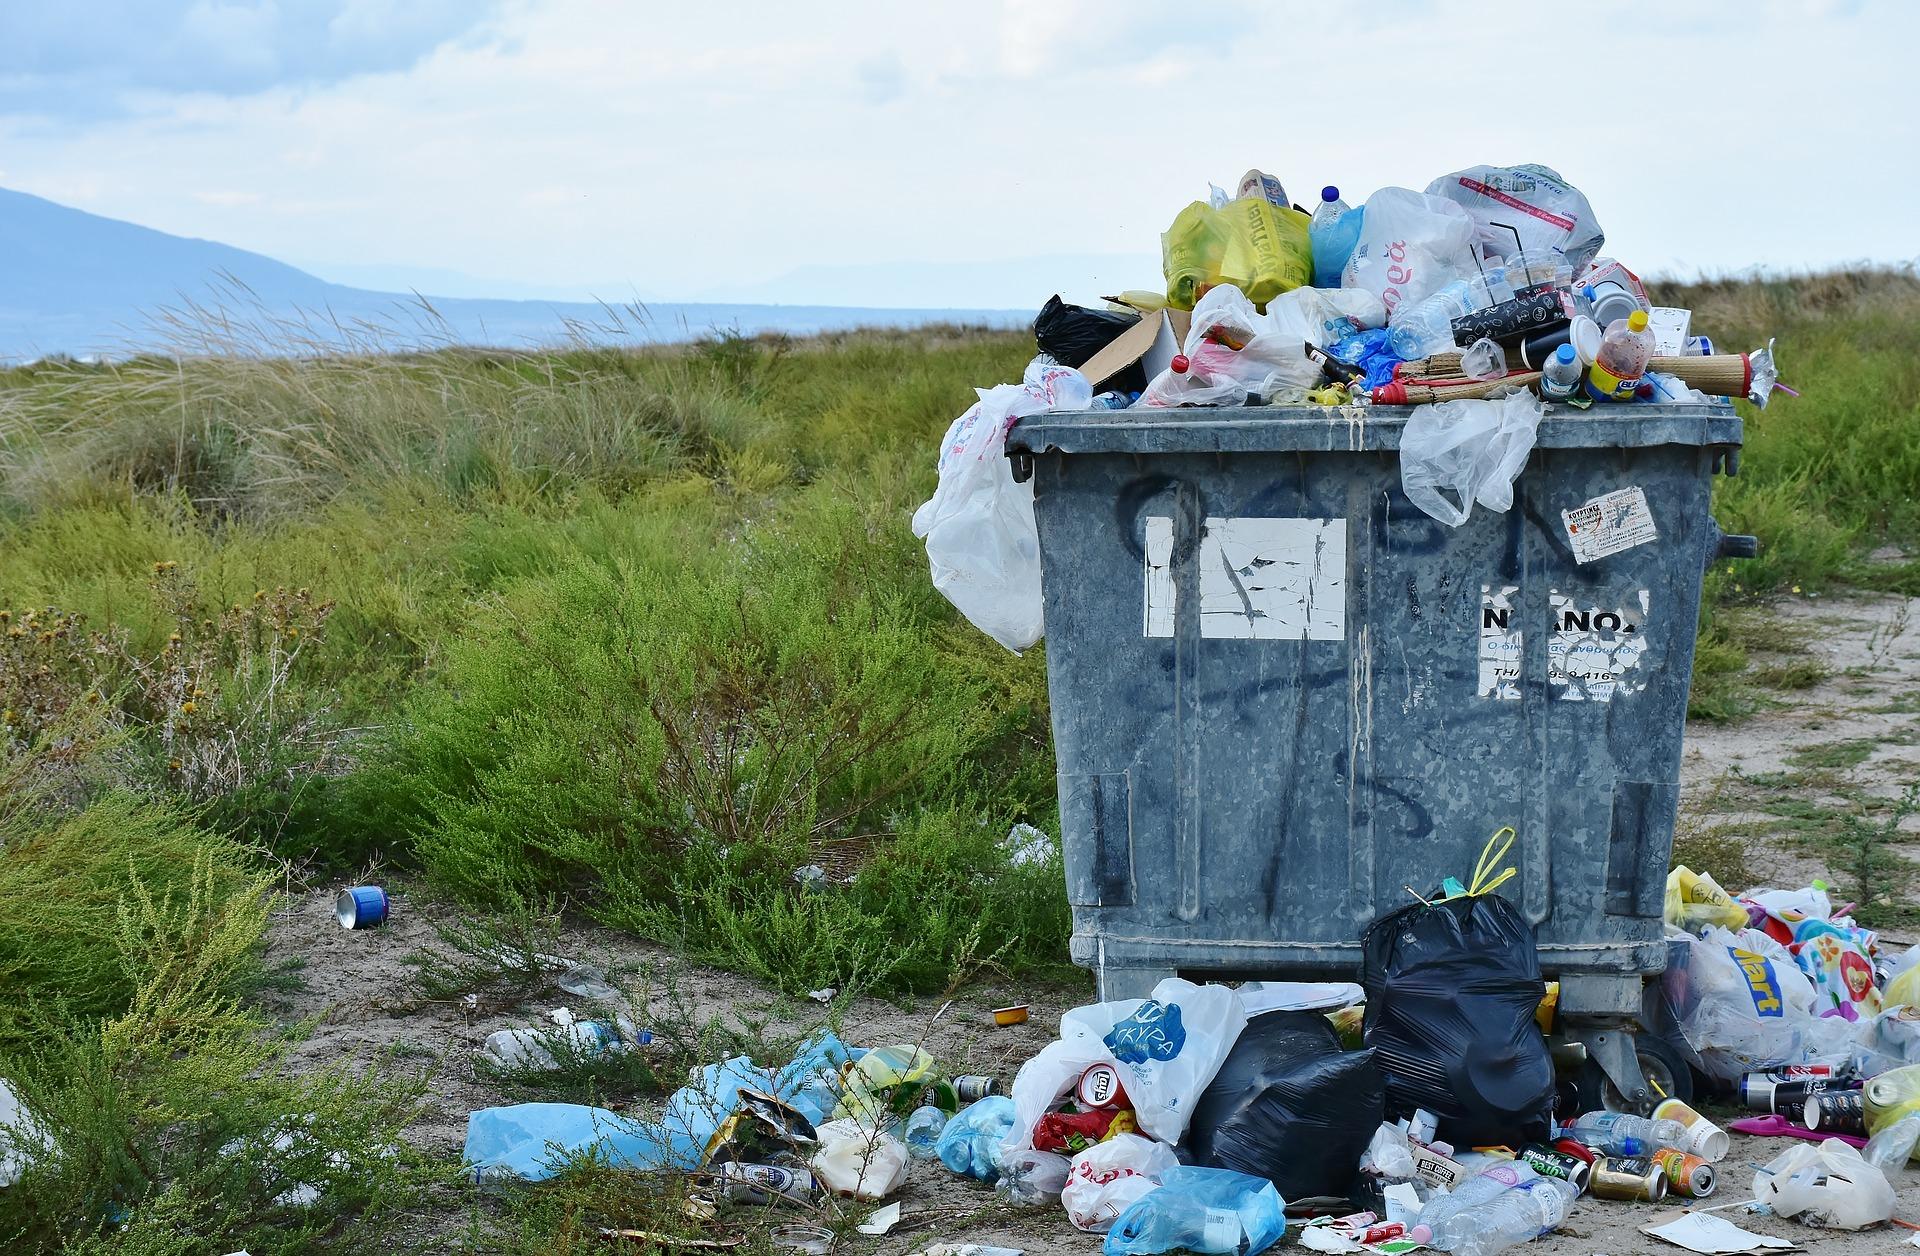 Einwegplastik und Zigarettenkippen in der Umwelt kosten Kommunen jährlich 700 Millionen Euro